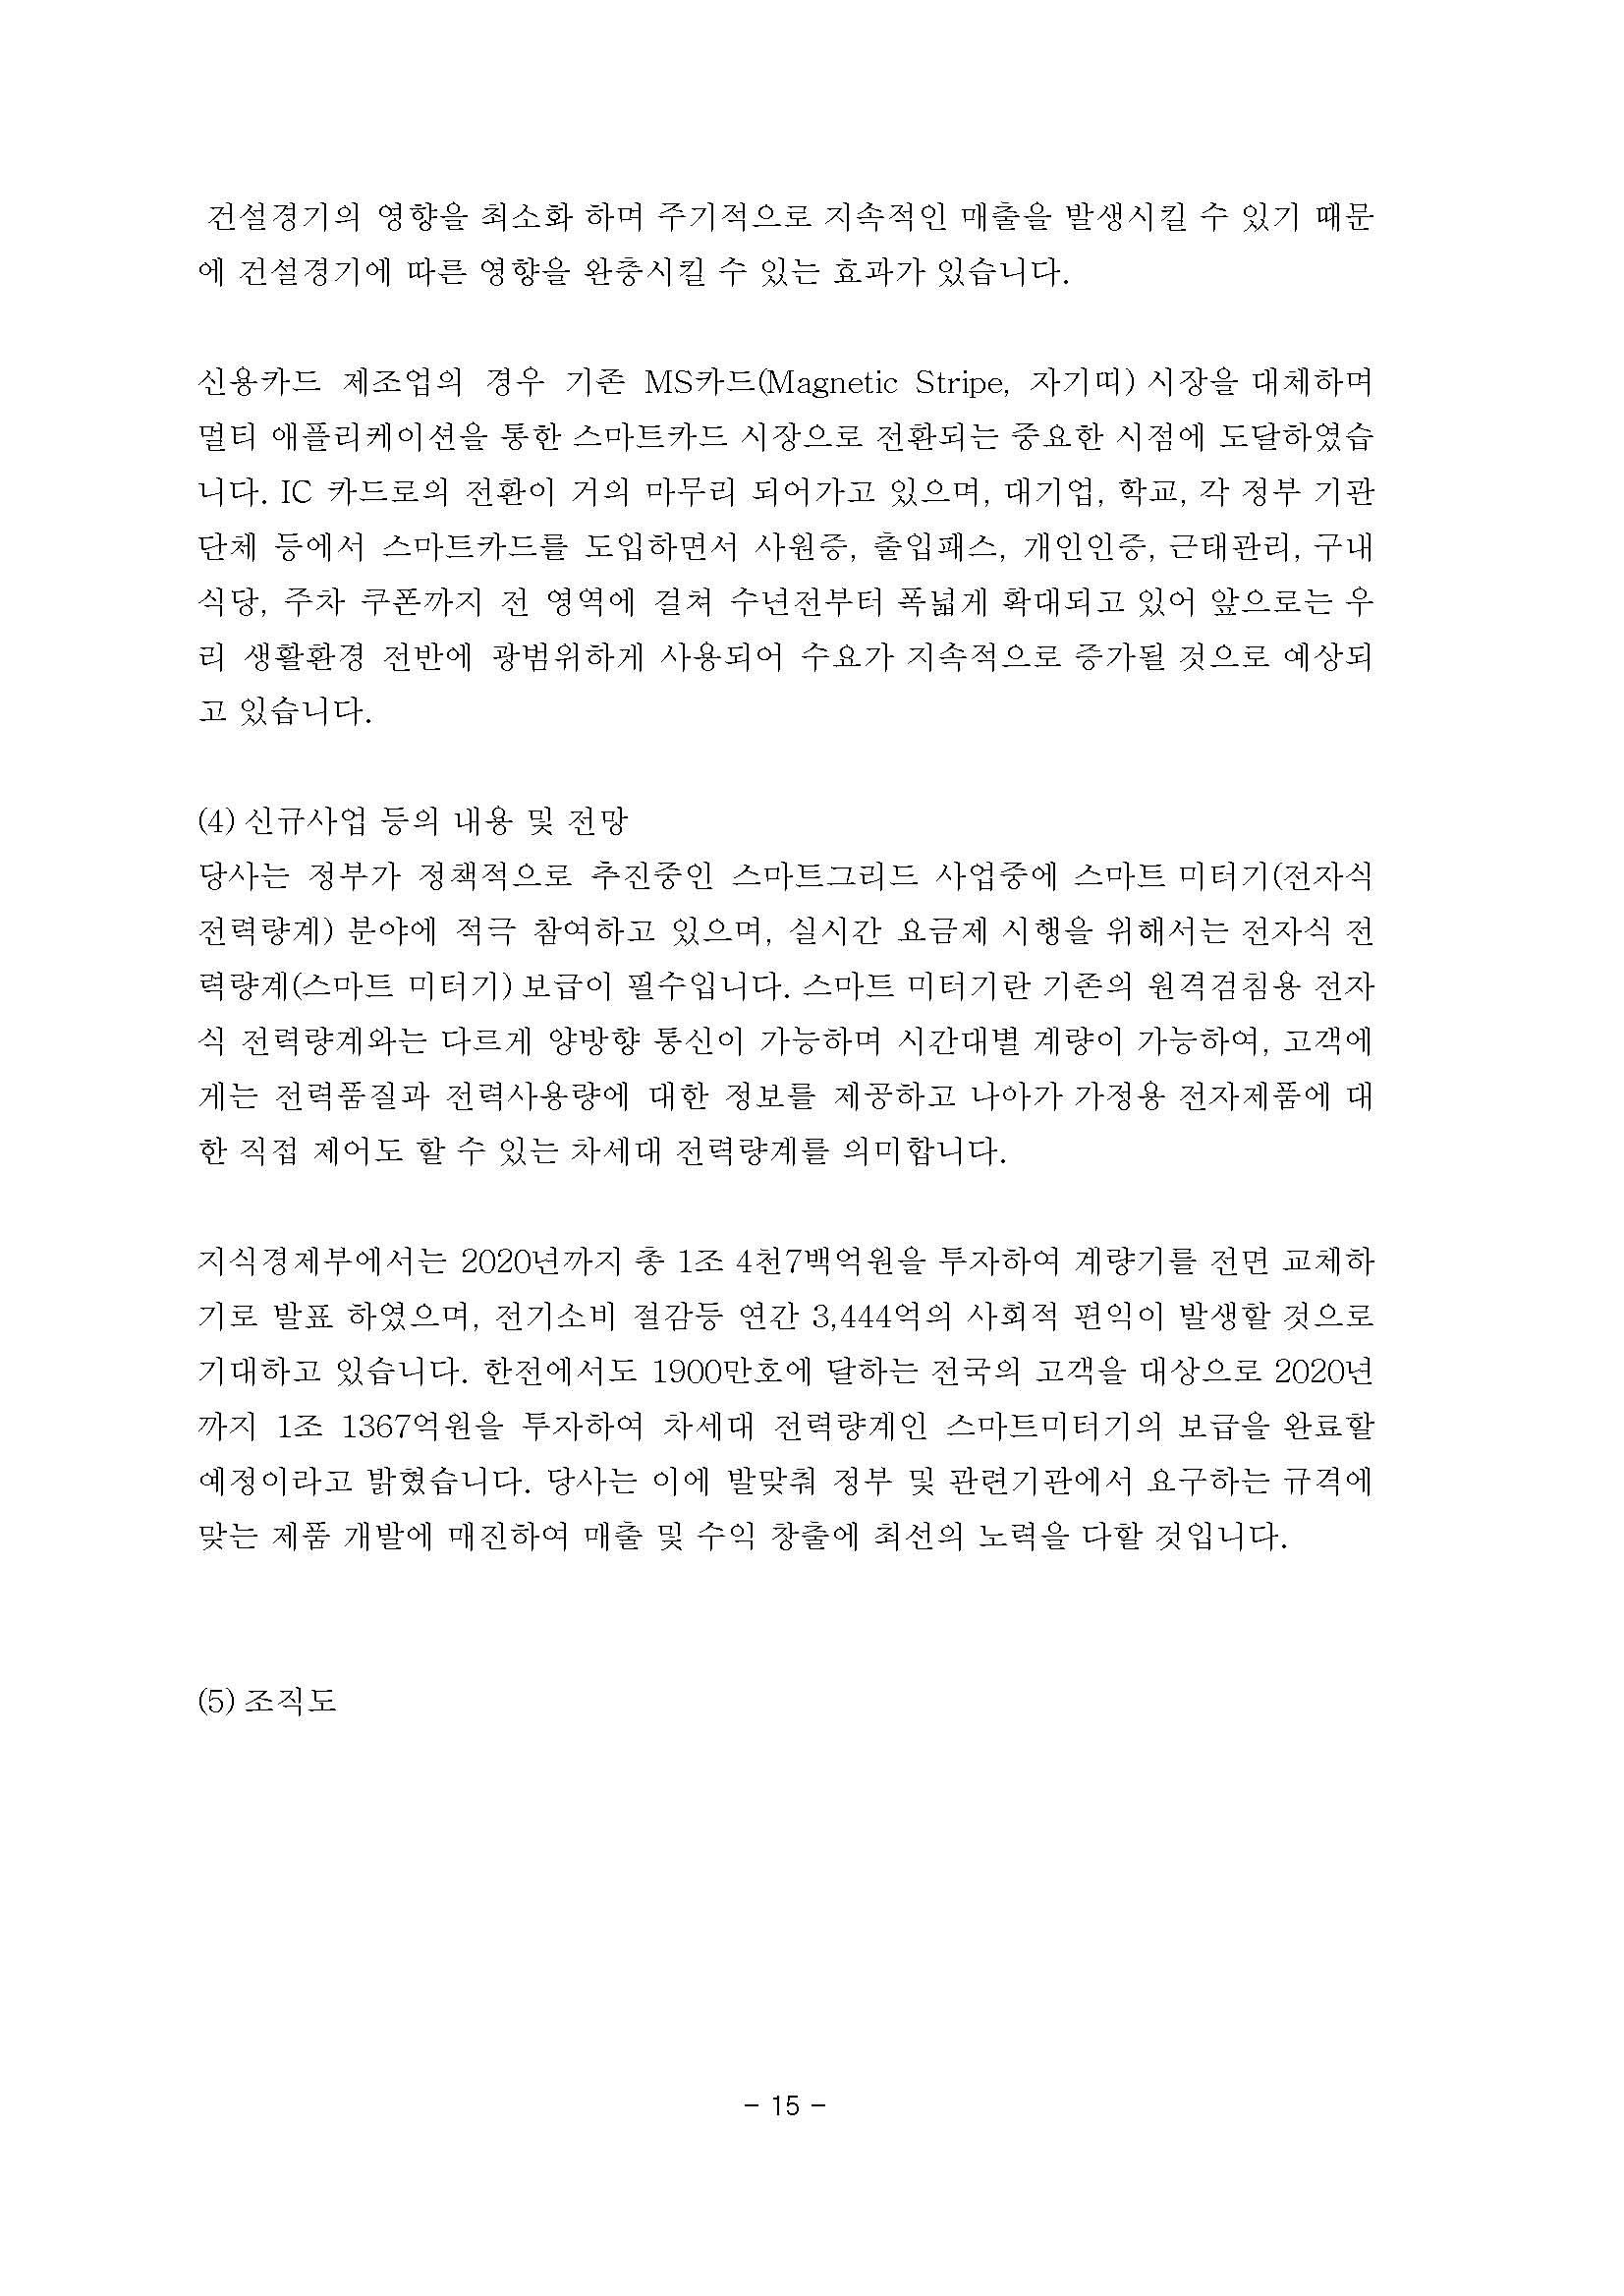 20180309 주주총회 소집공고-옴니시스템_페이지_16.jpg